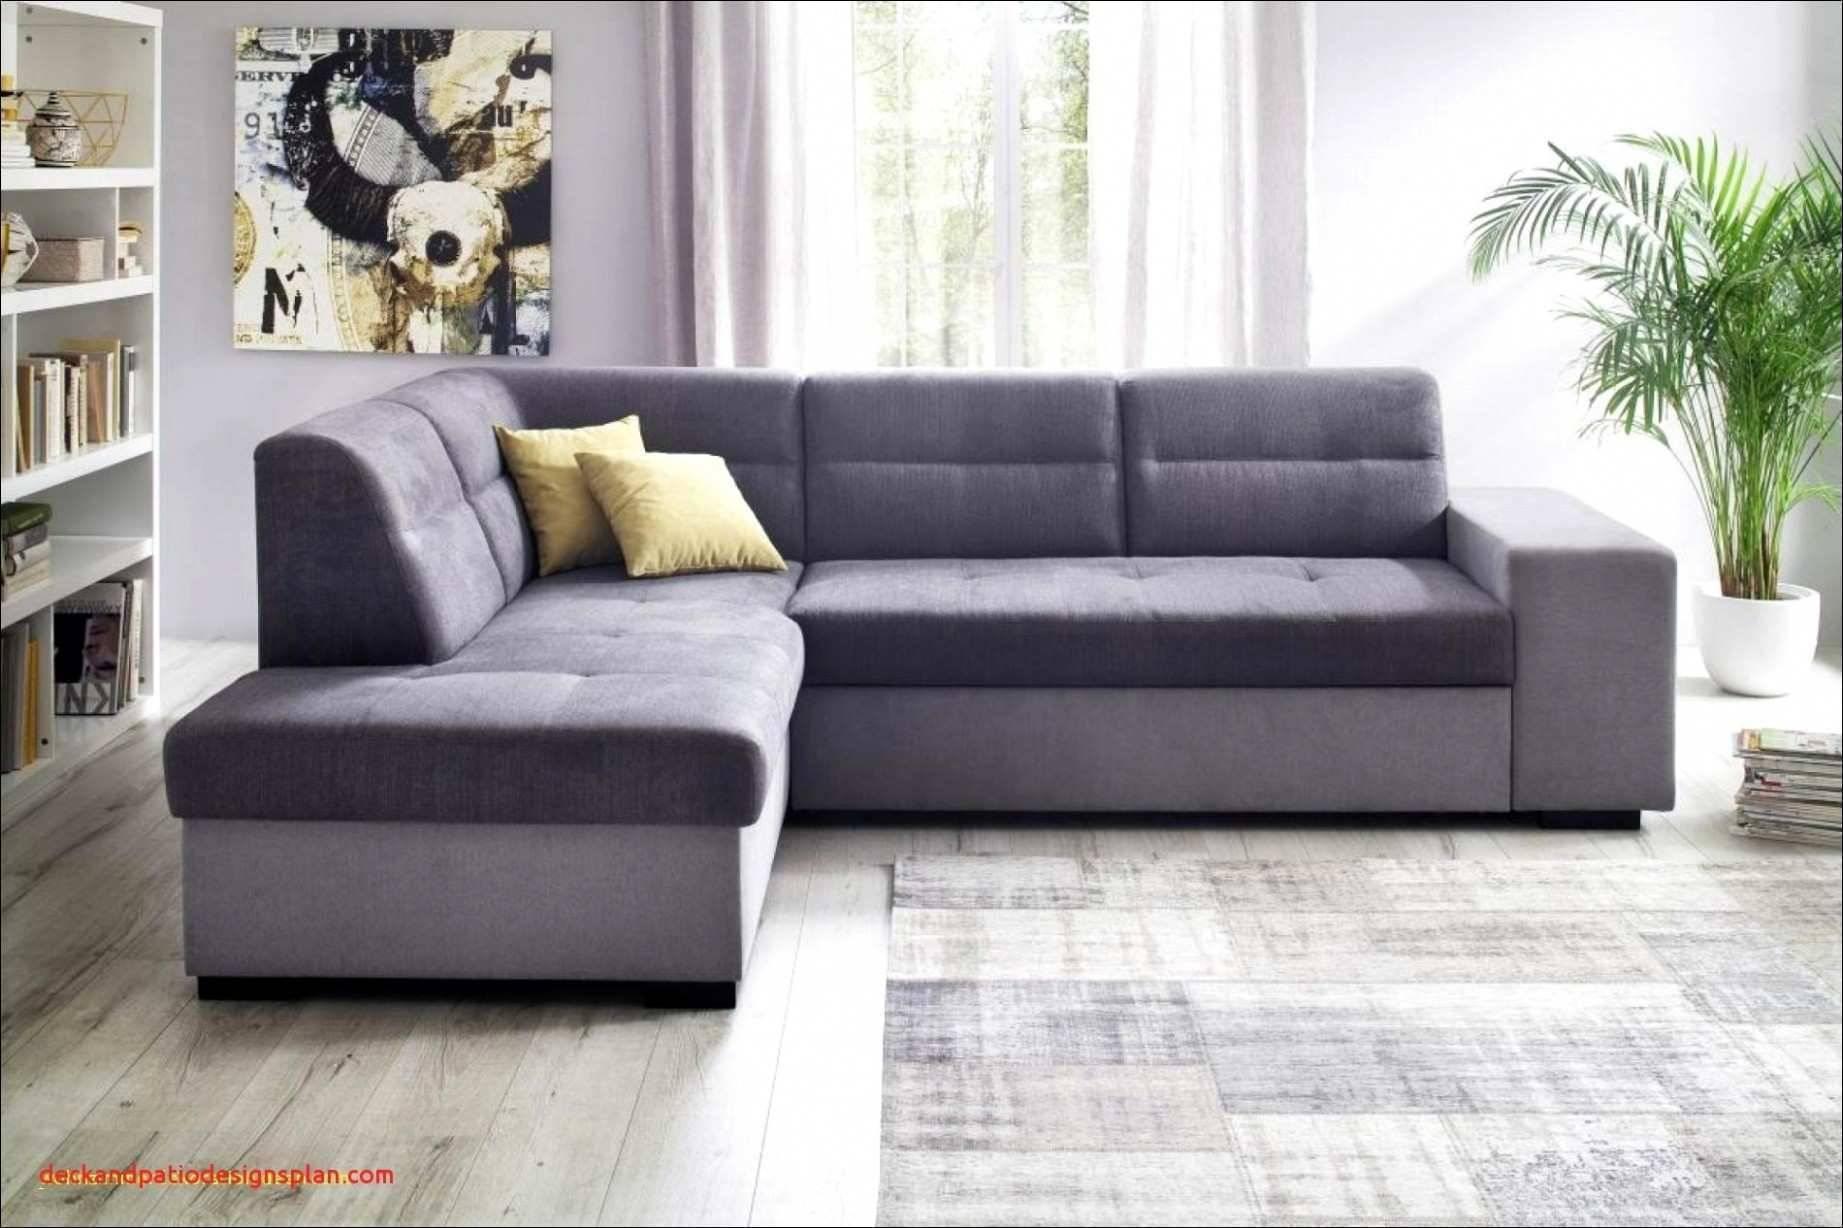 deko ideen wohnzimmer holz elegant wohnzimmer deko selber machen ideen was solltest du tun of deko ideen wohnzimmer holz